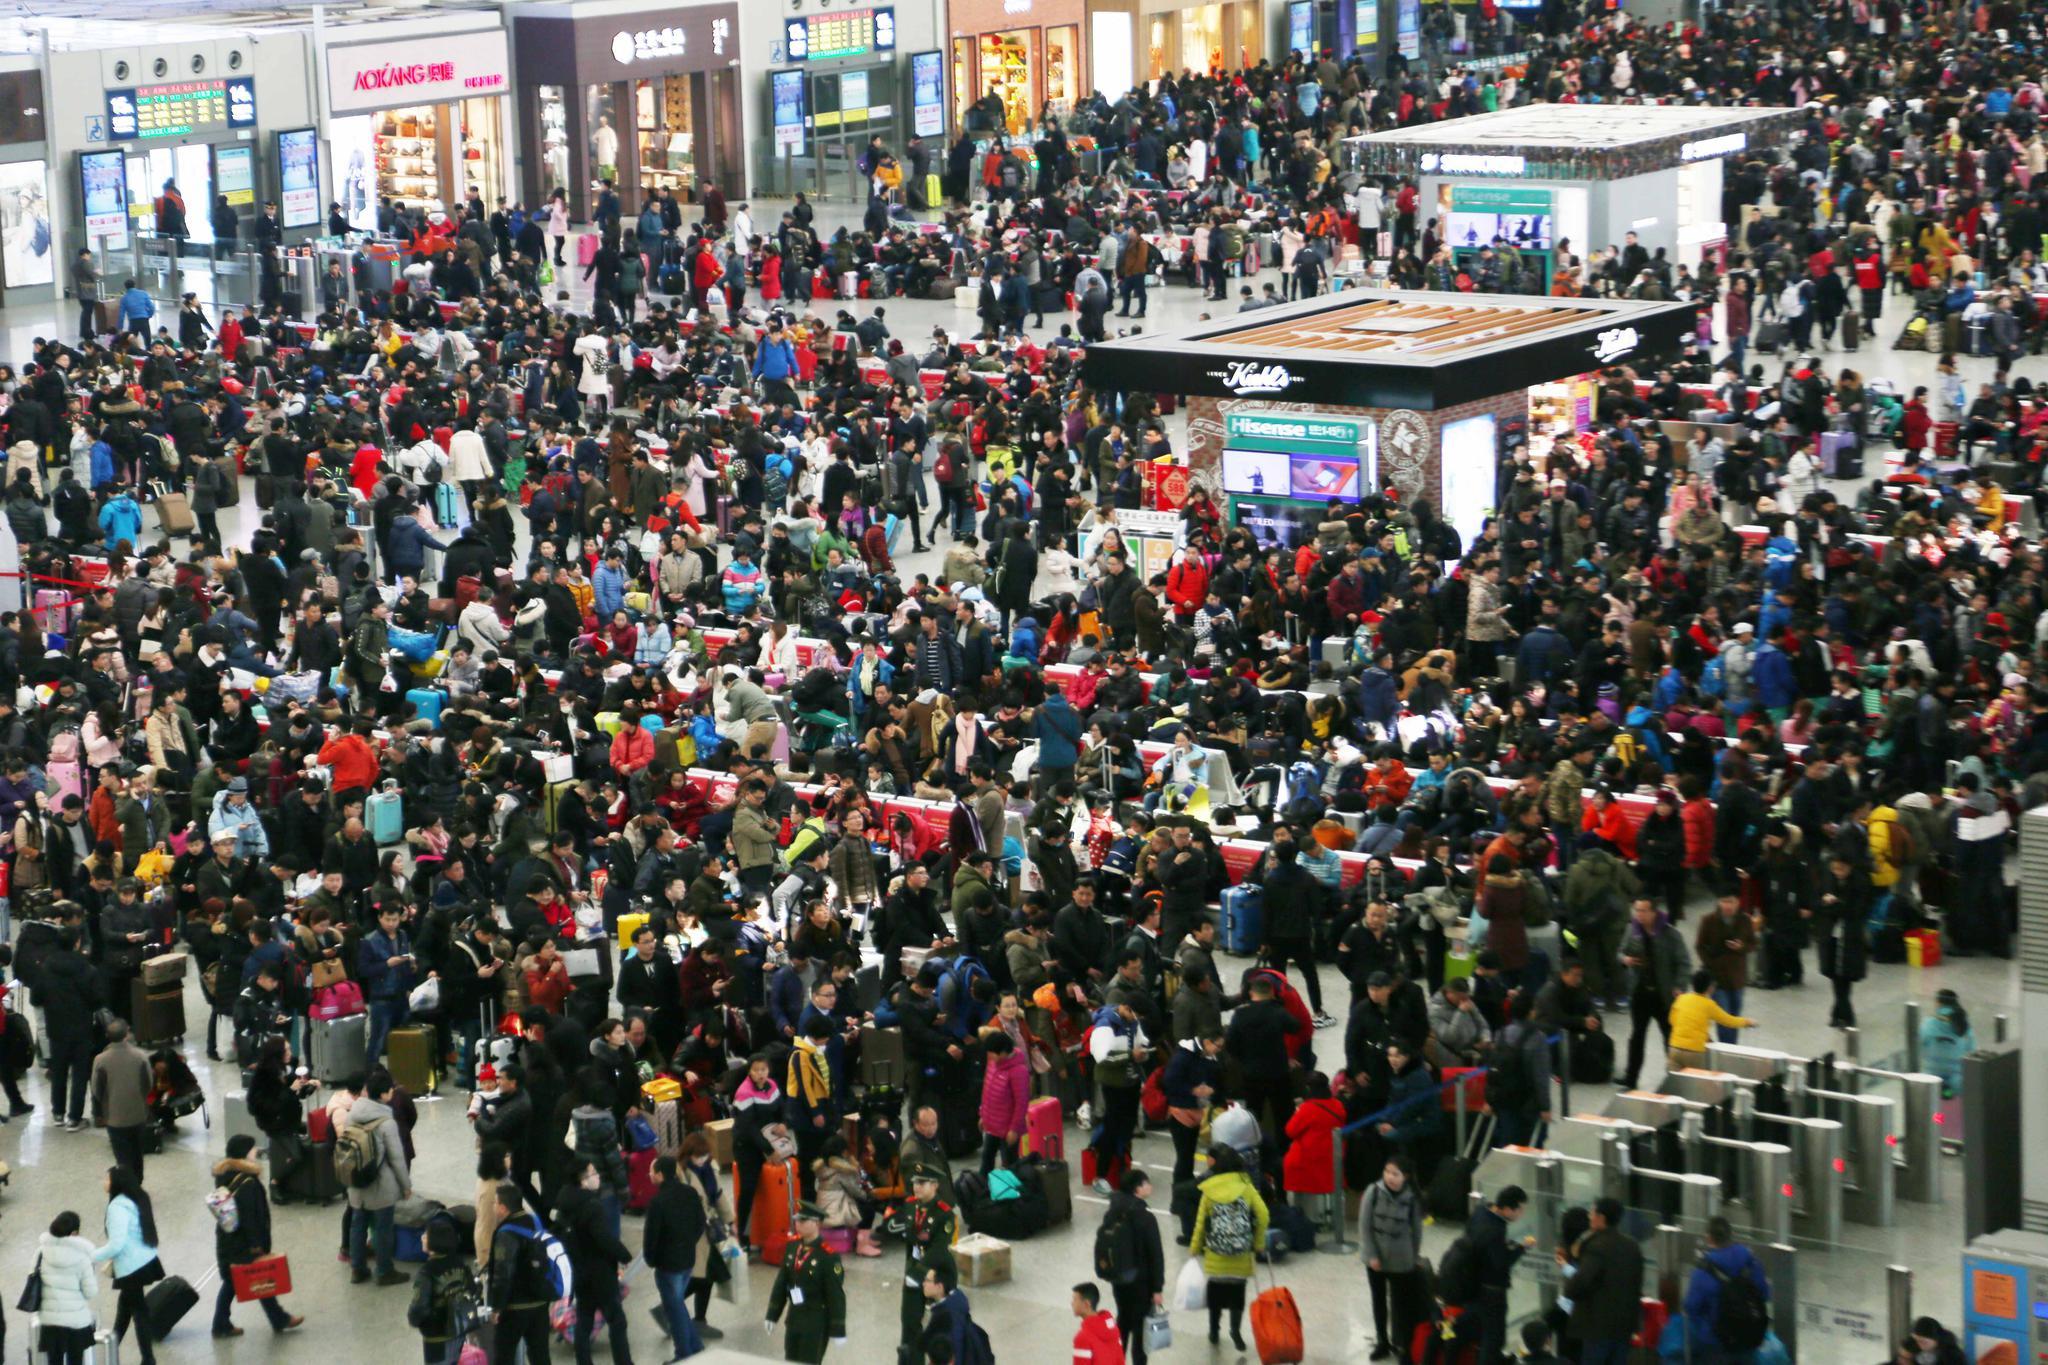 济南火车站今天预计发送旅客8.2万人 广州、昆明等方向票已售罄